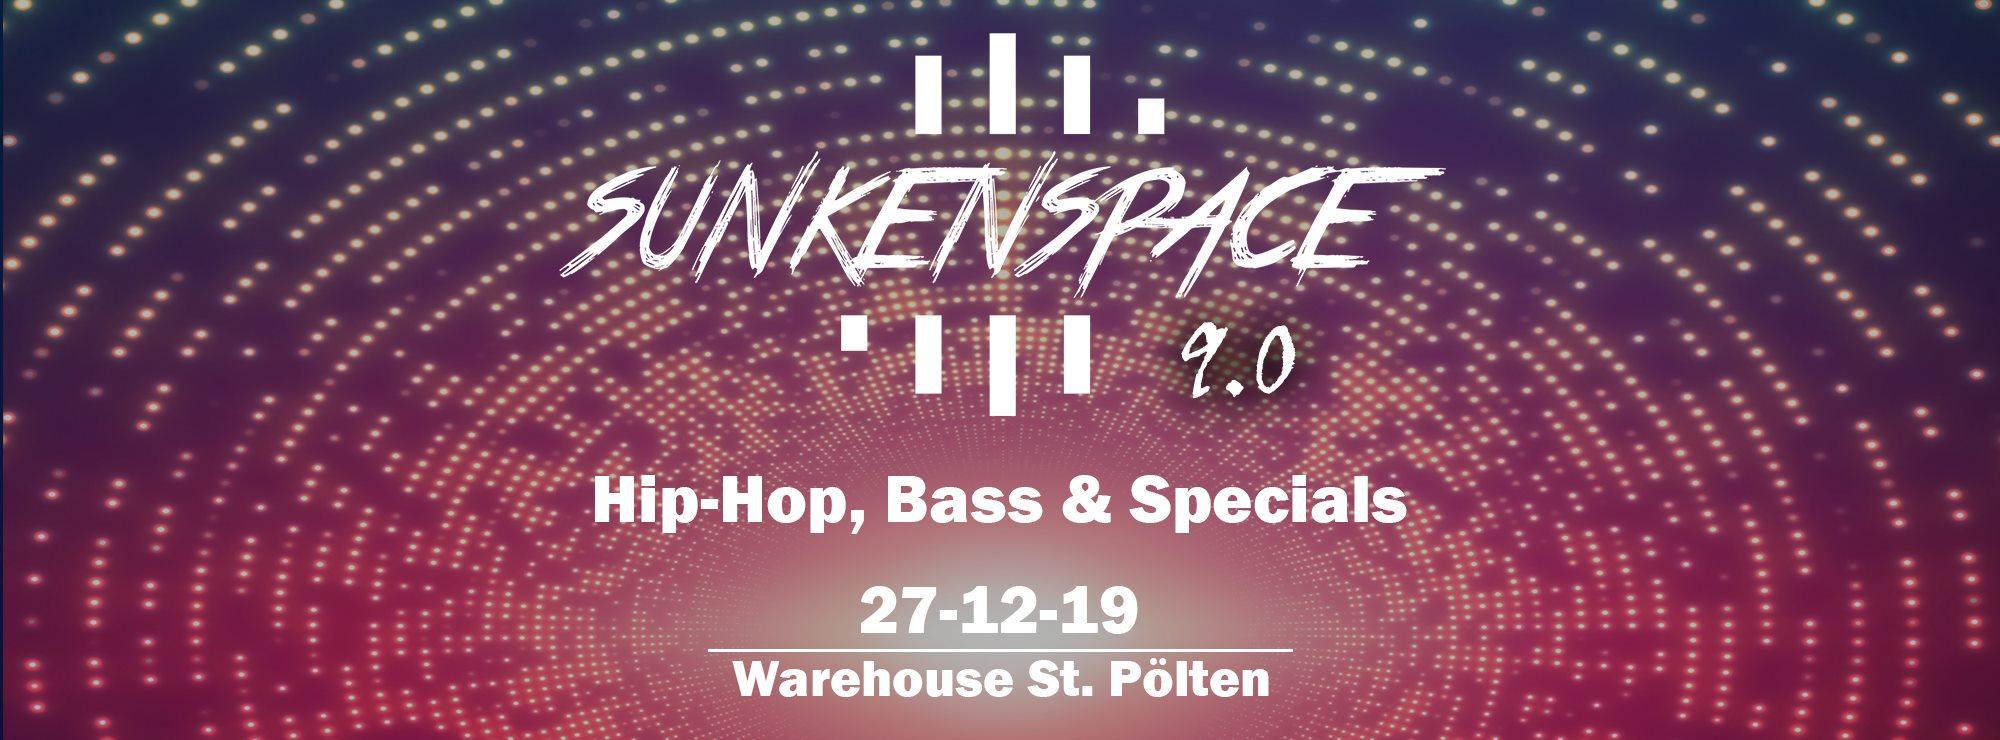 Sunkenspace 9.0